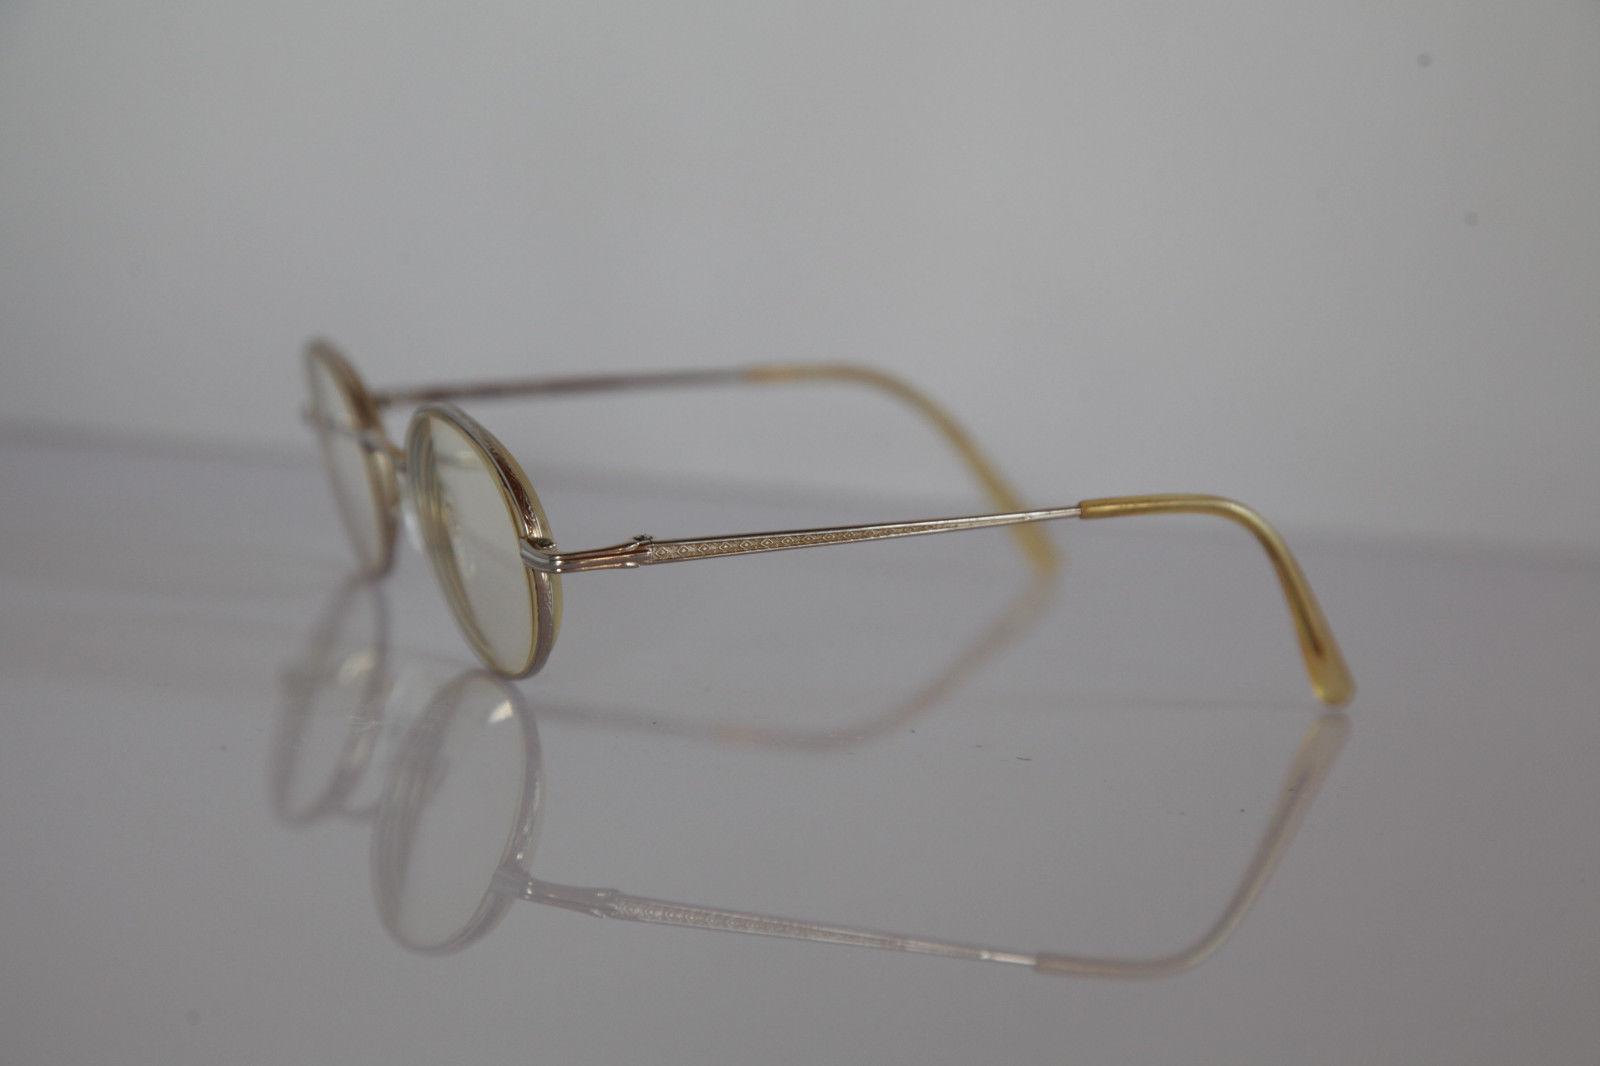 SEIKO Eyewear, Chrome Titanium Frame,  RX-Able Prescription lenses. JAPAN